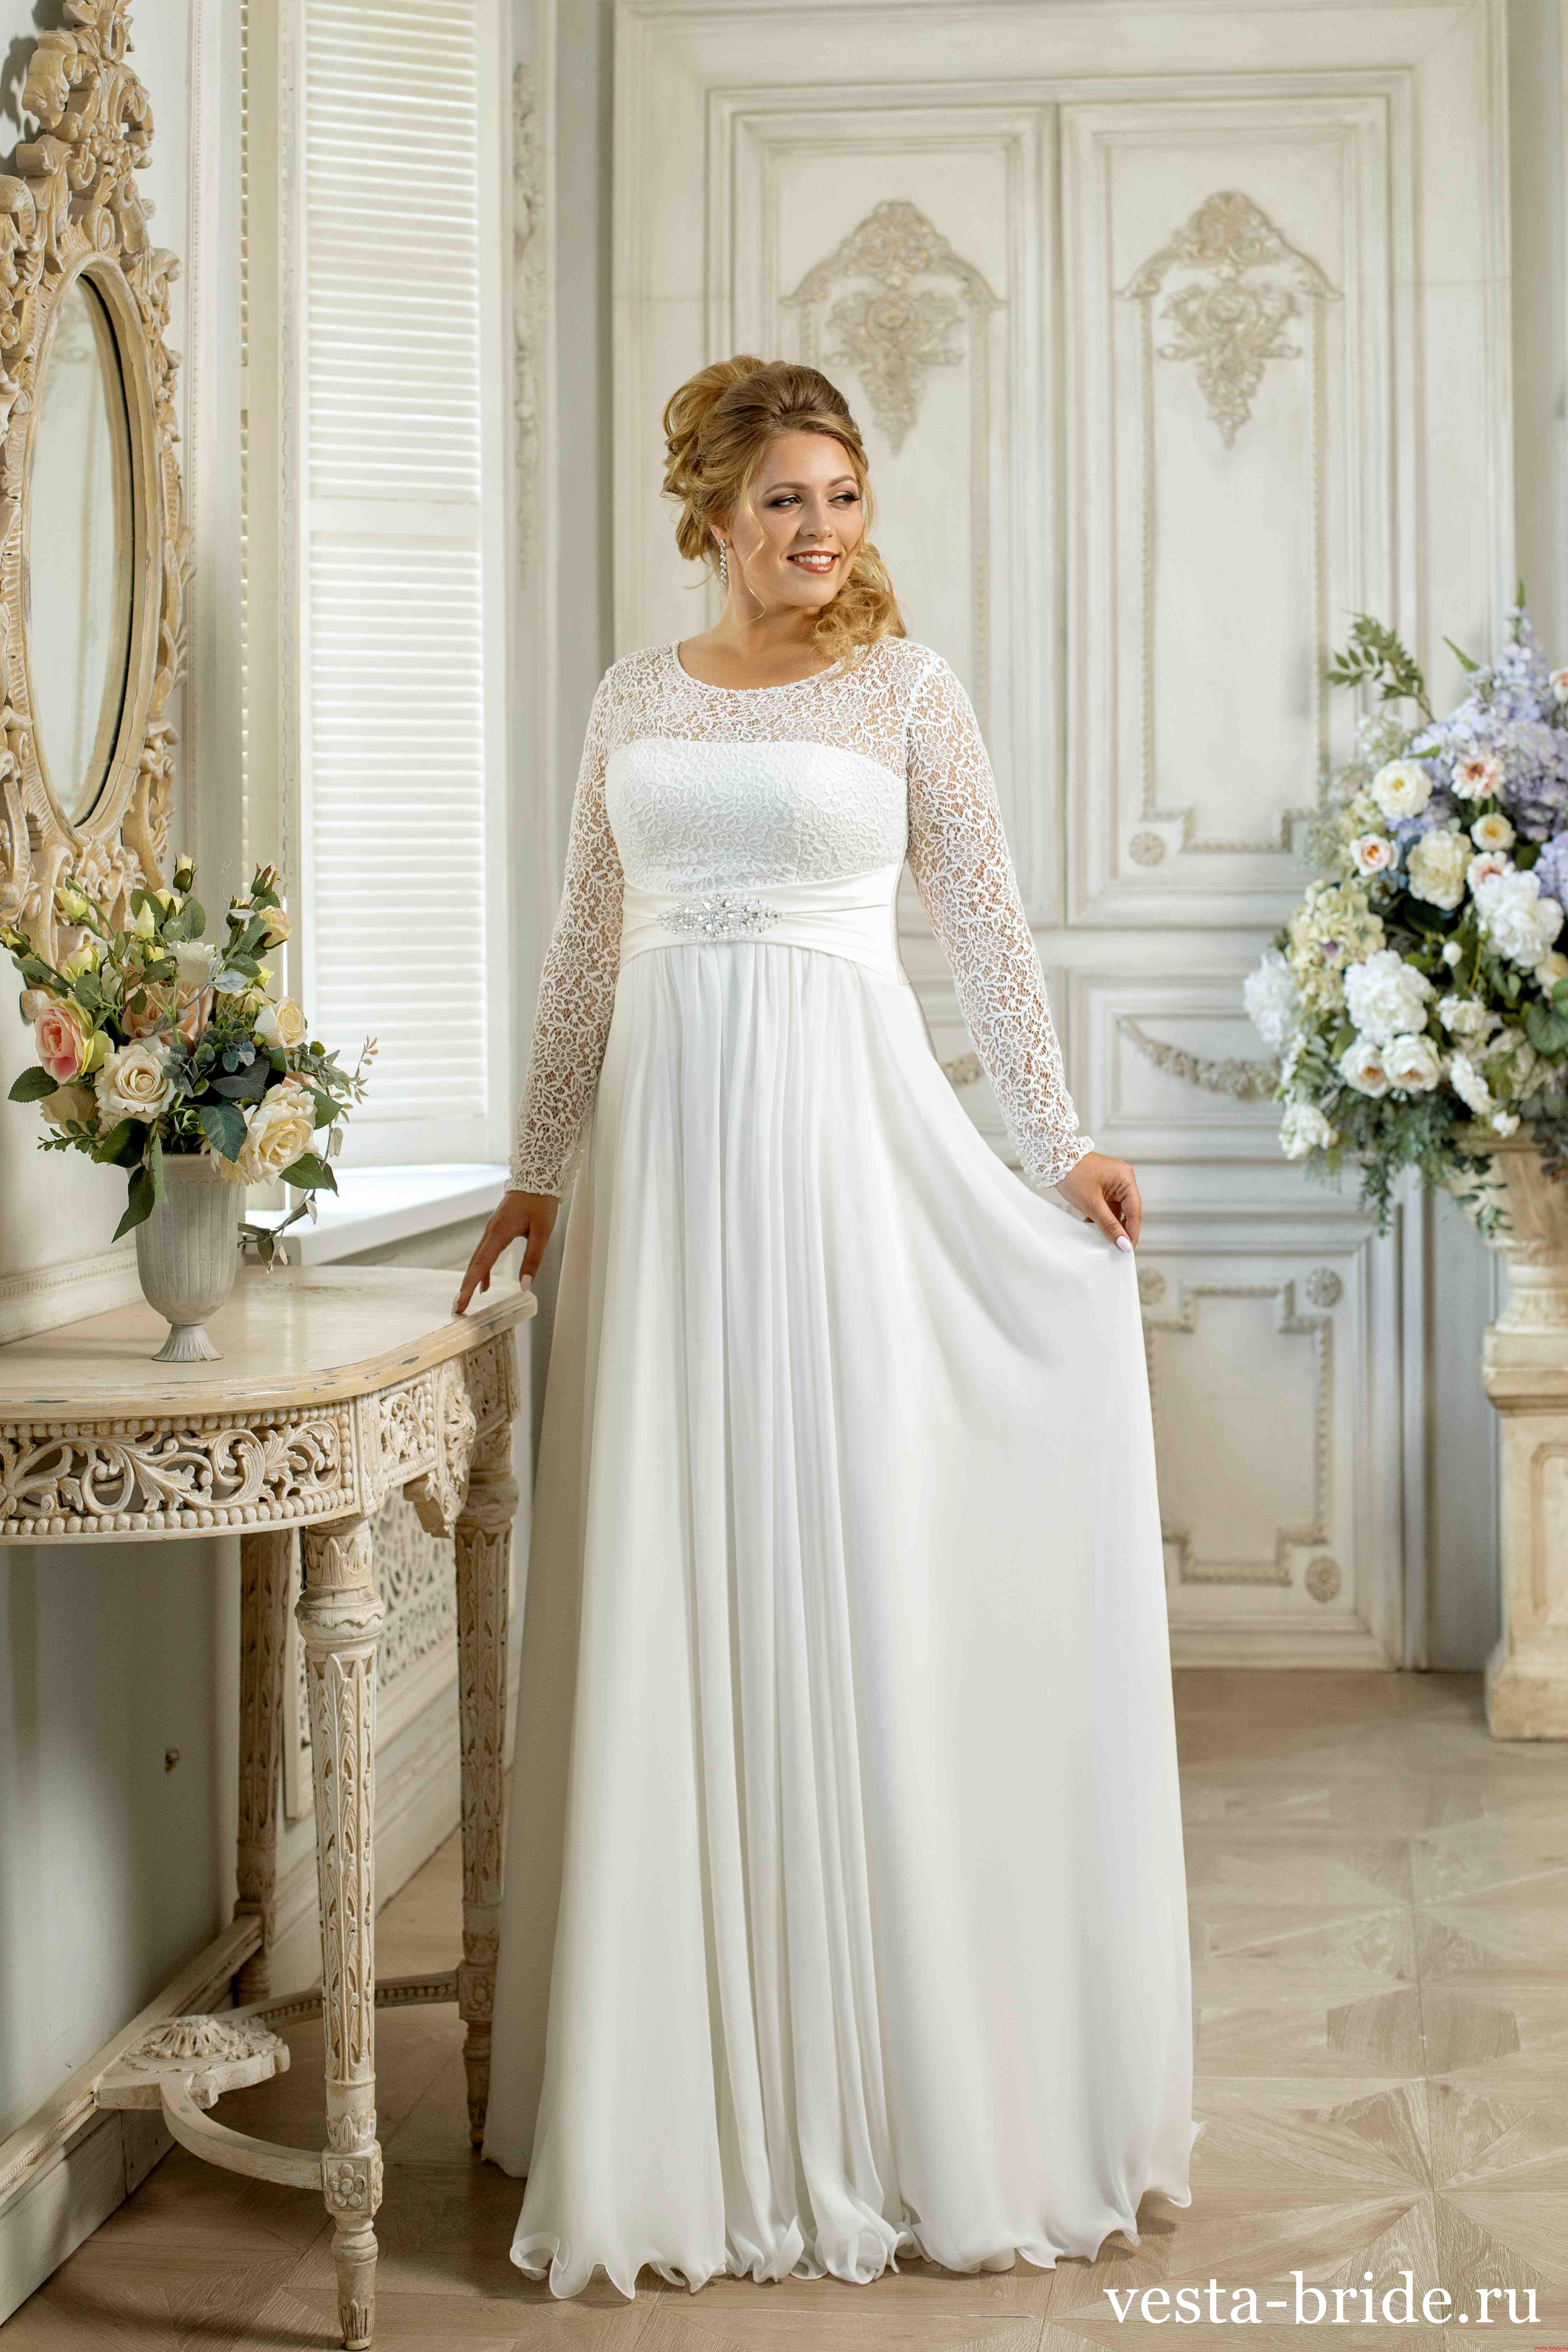 Свадебный букет к платью в стиле ампир, купить